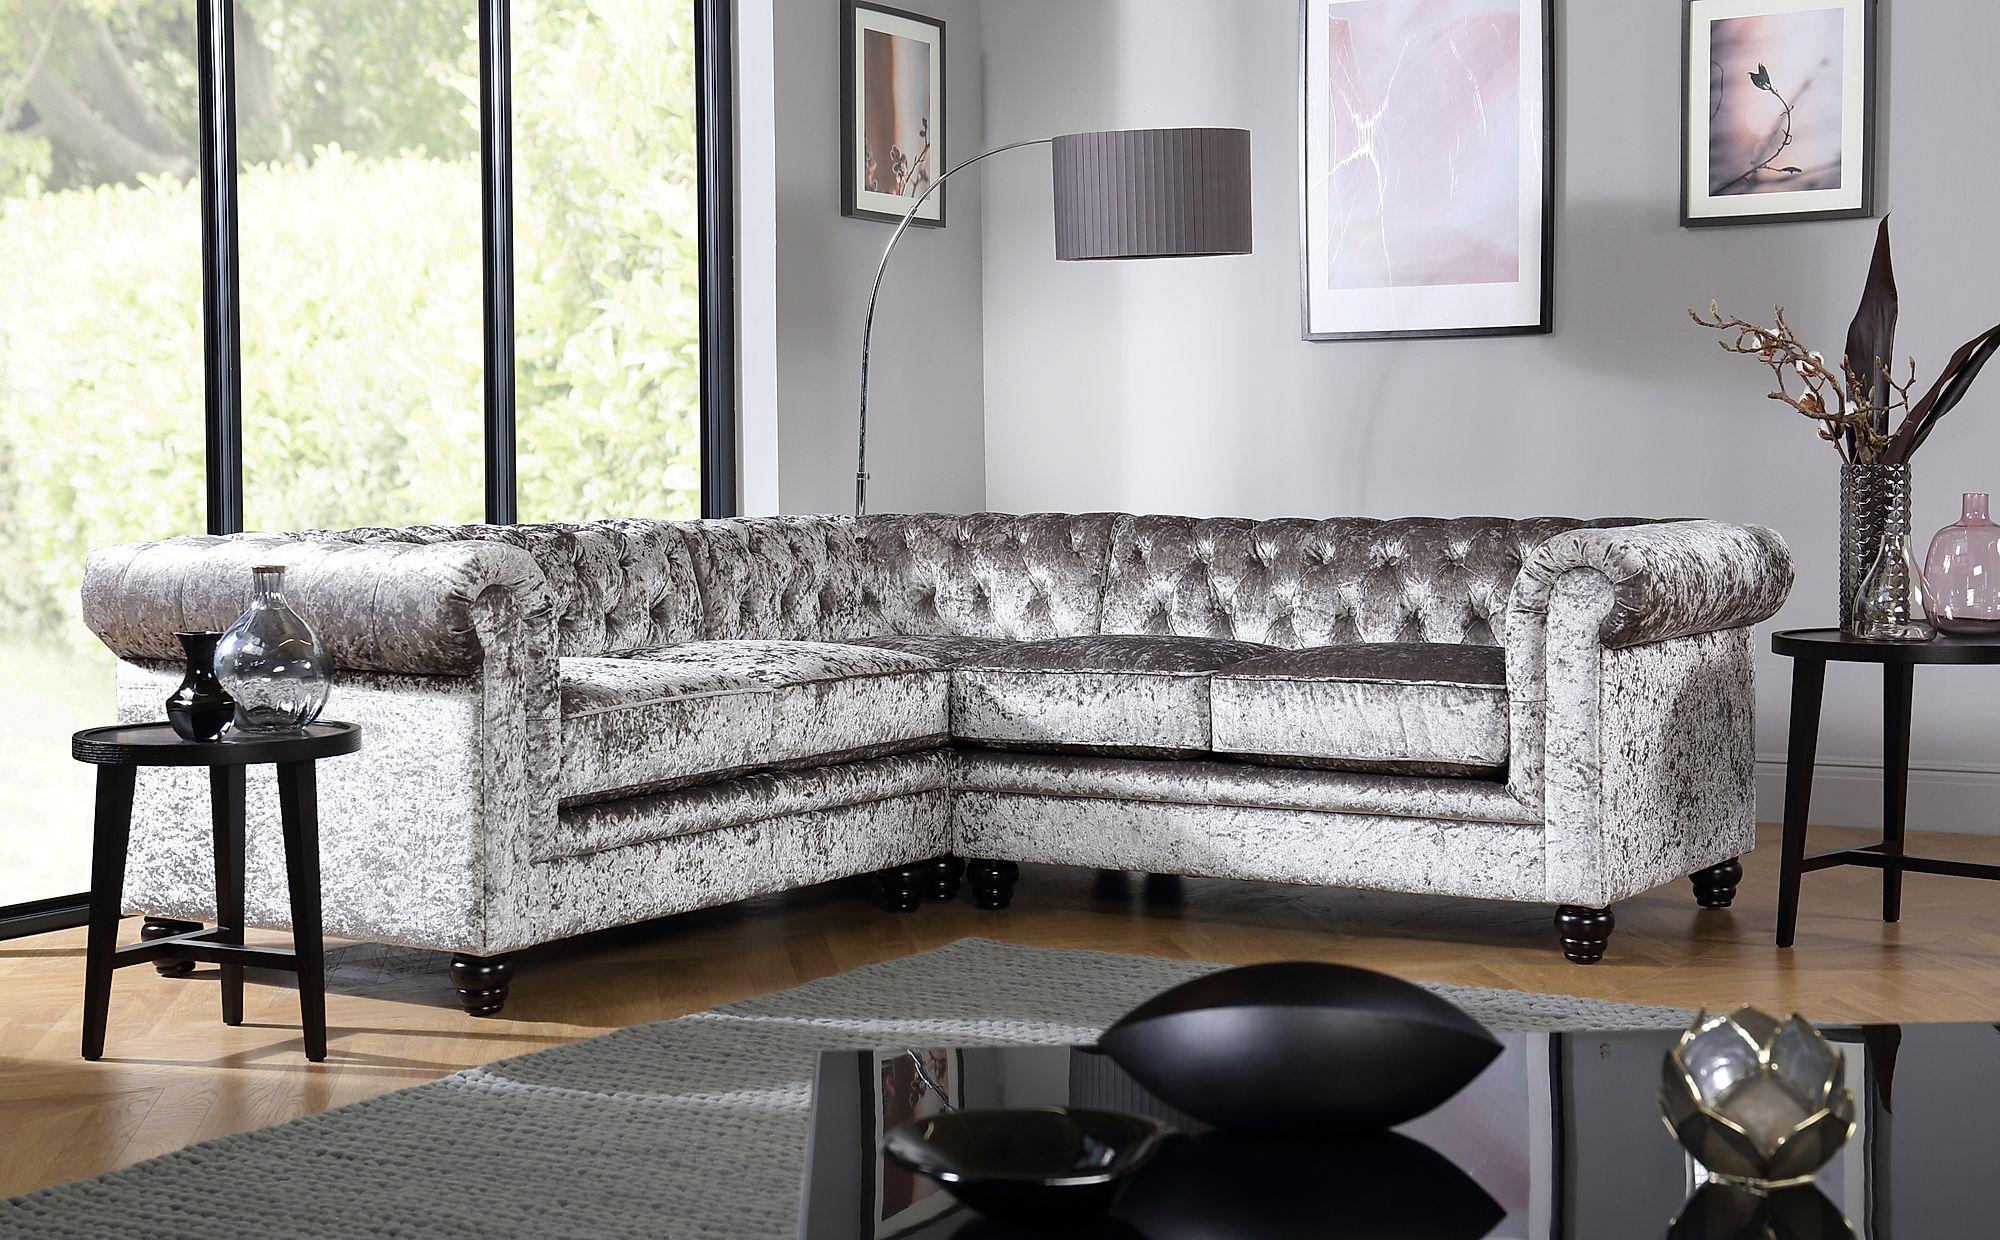 Hampton Silver Crushed Velvet Chesterfield Corner Sofa Regarding French Seamed Sectional Sofas In Velvet (View 1 of 15)